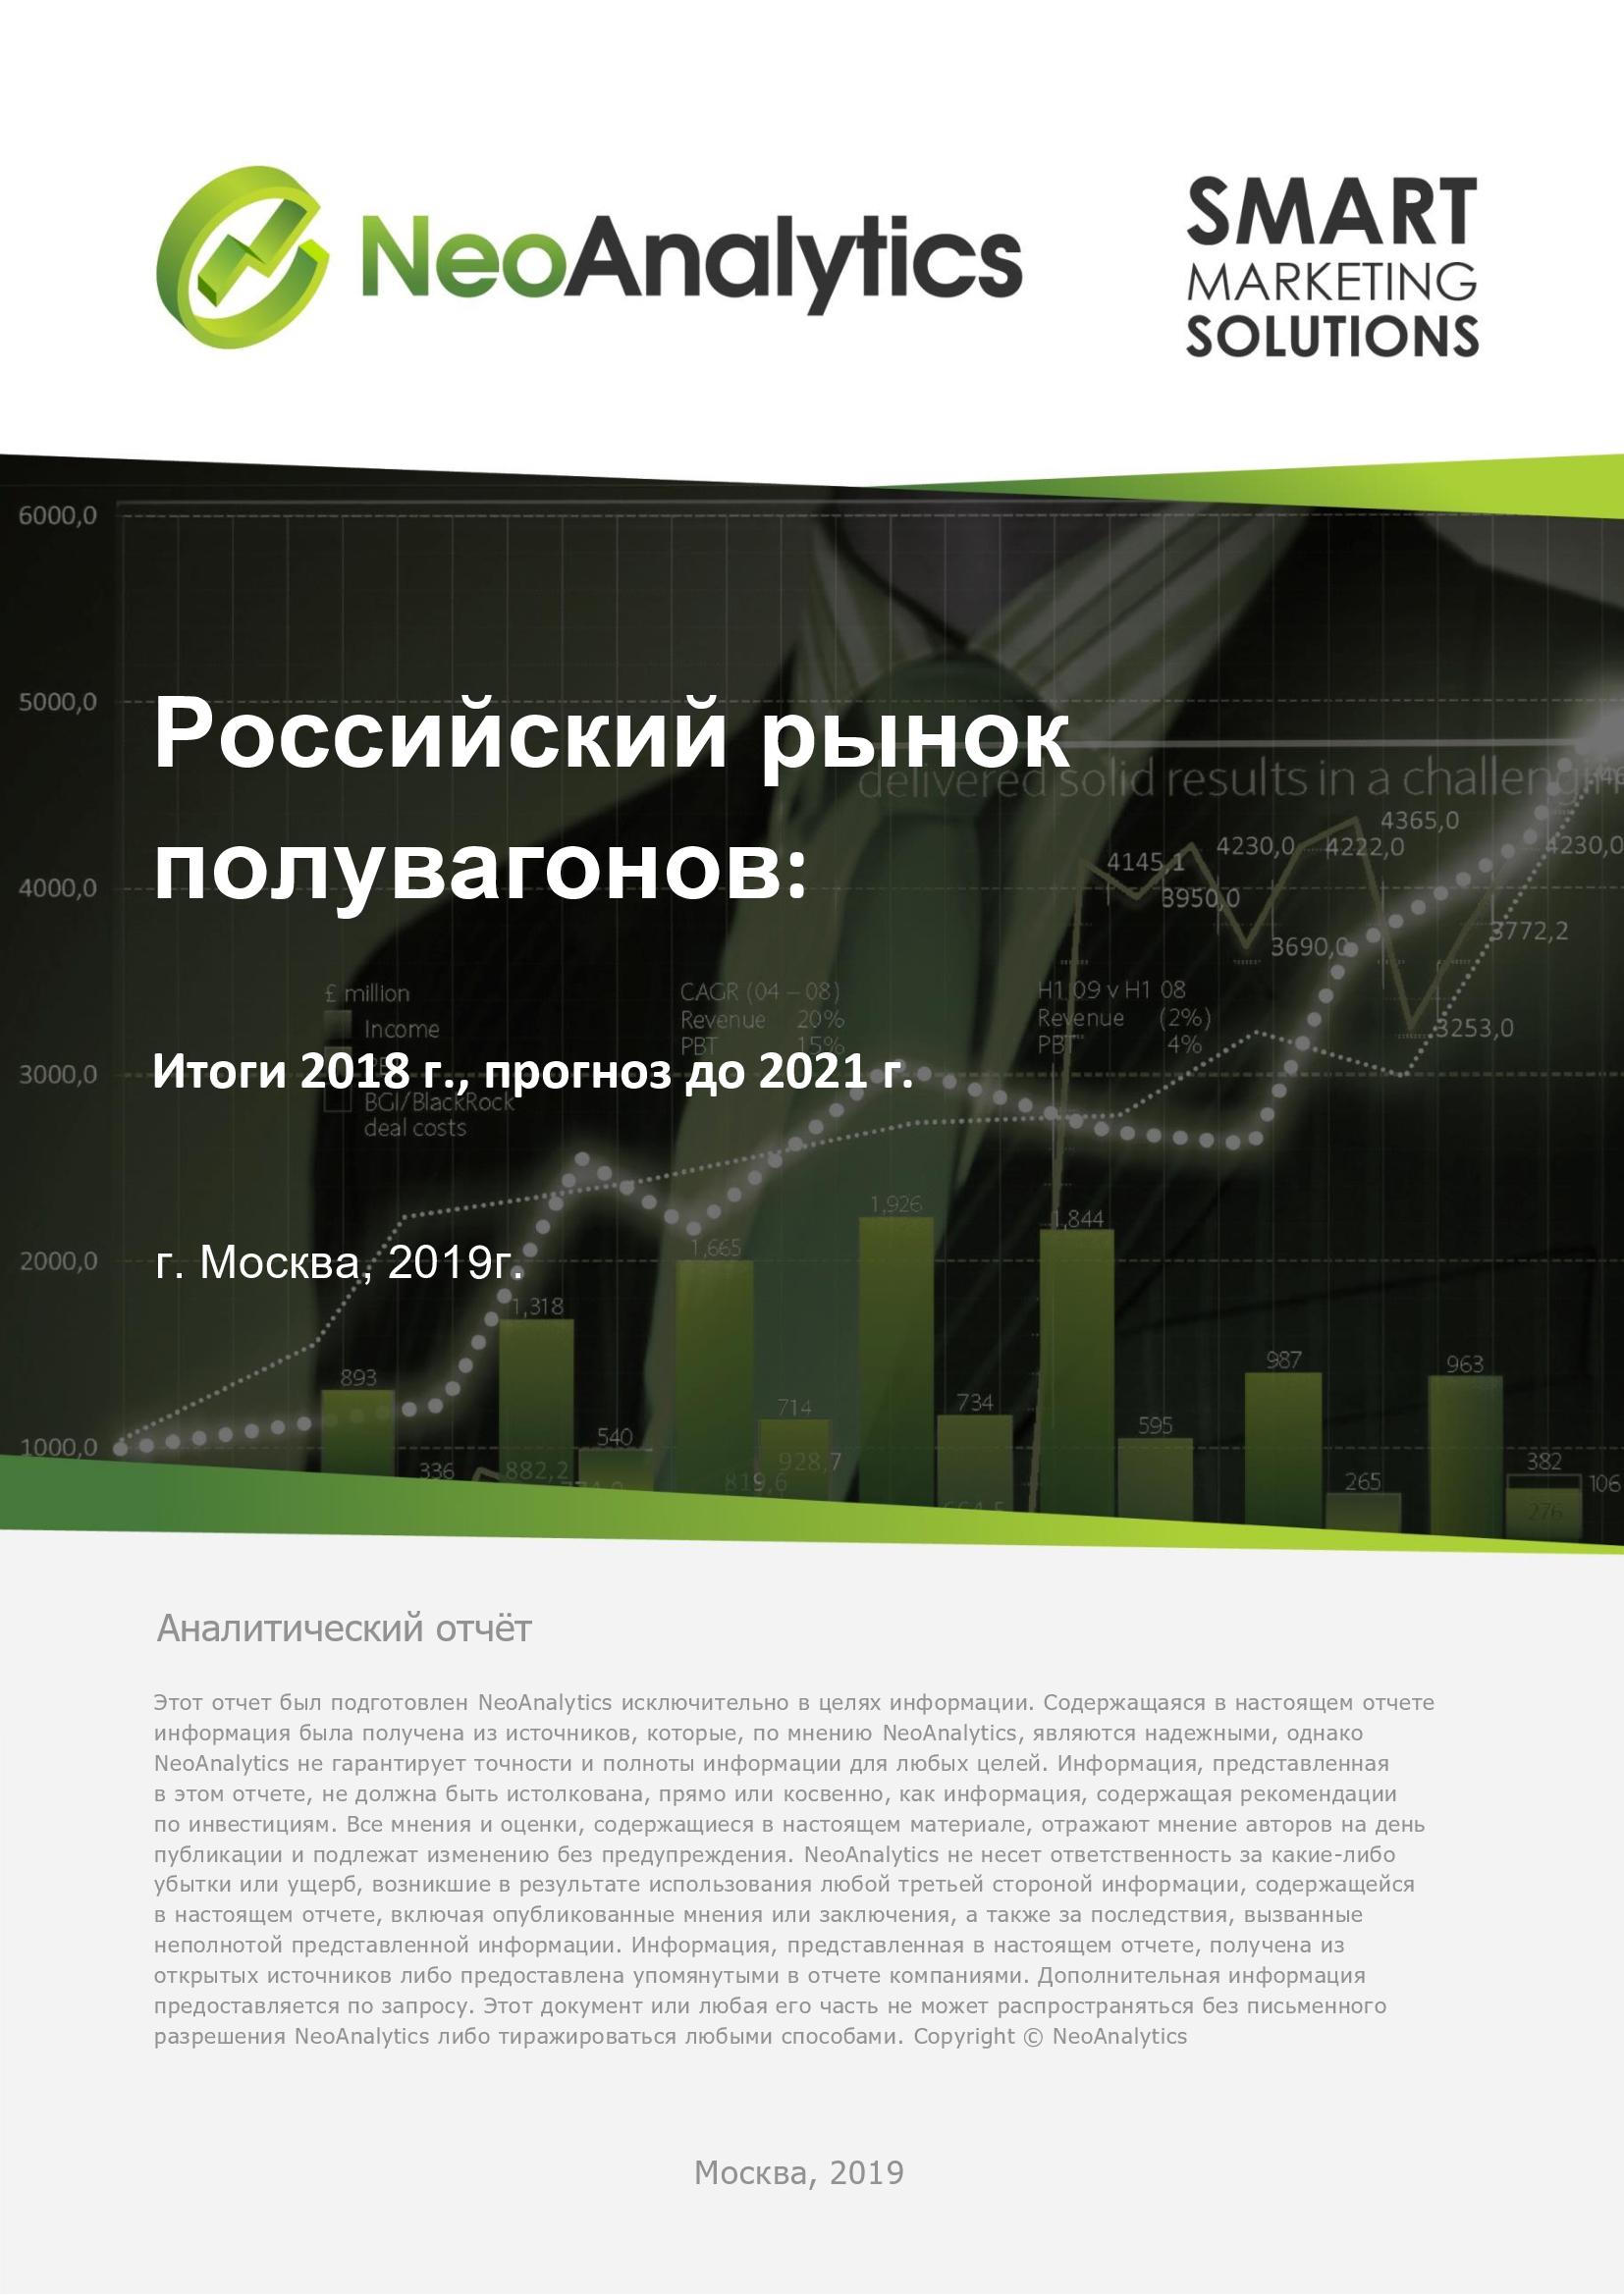 Российский рынок полувагонов: итоги 2018 г., прогноз до 2021 г.